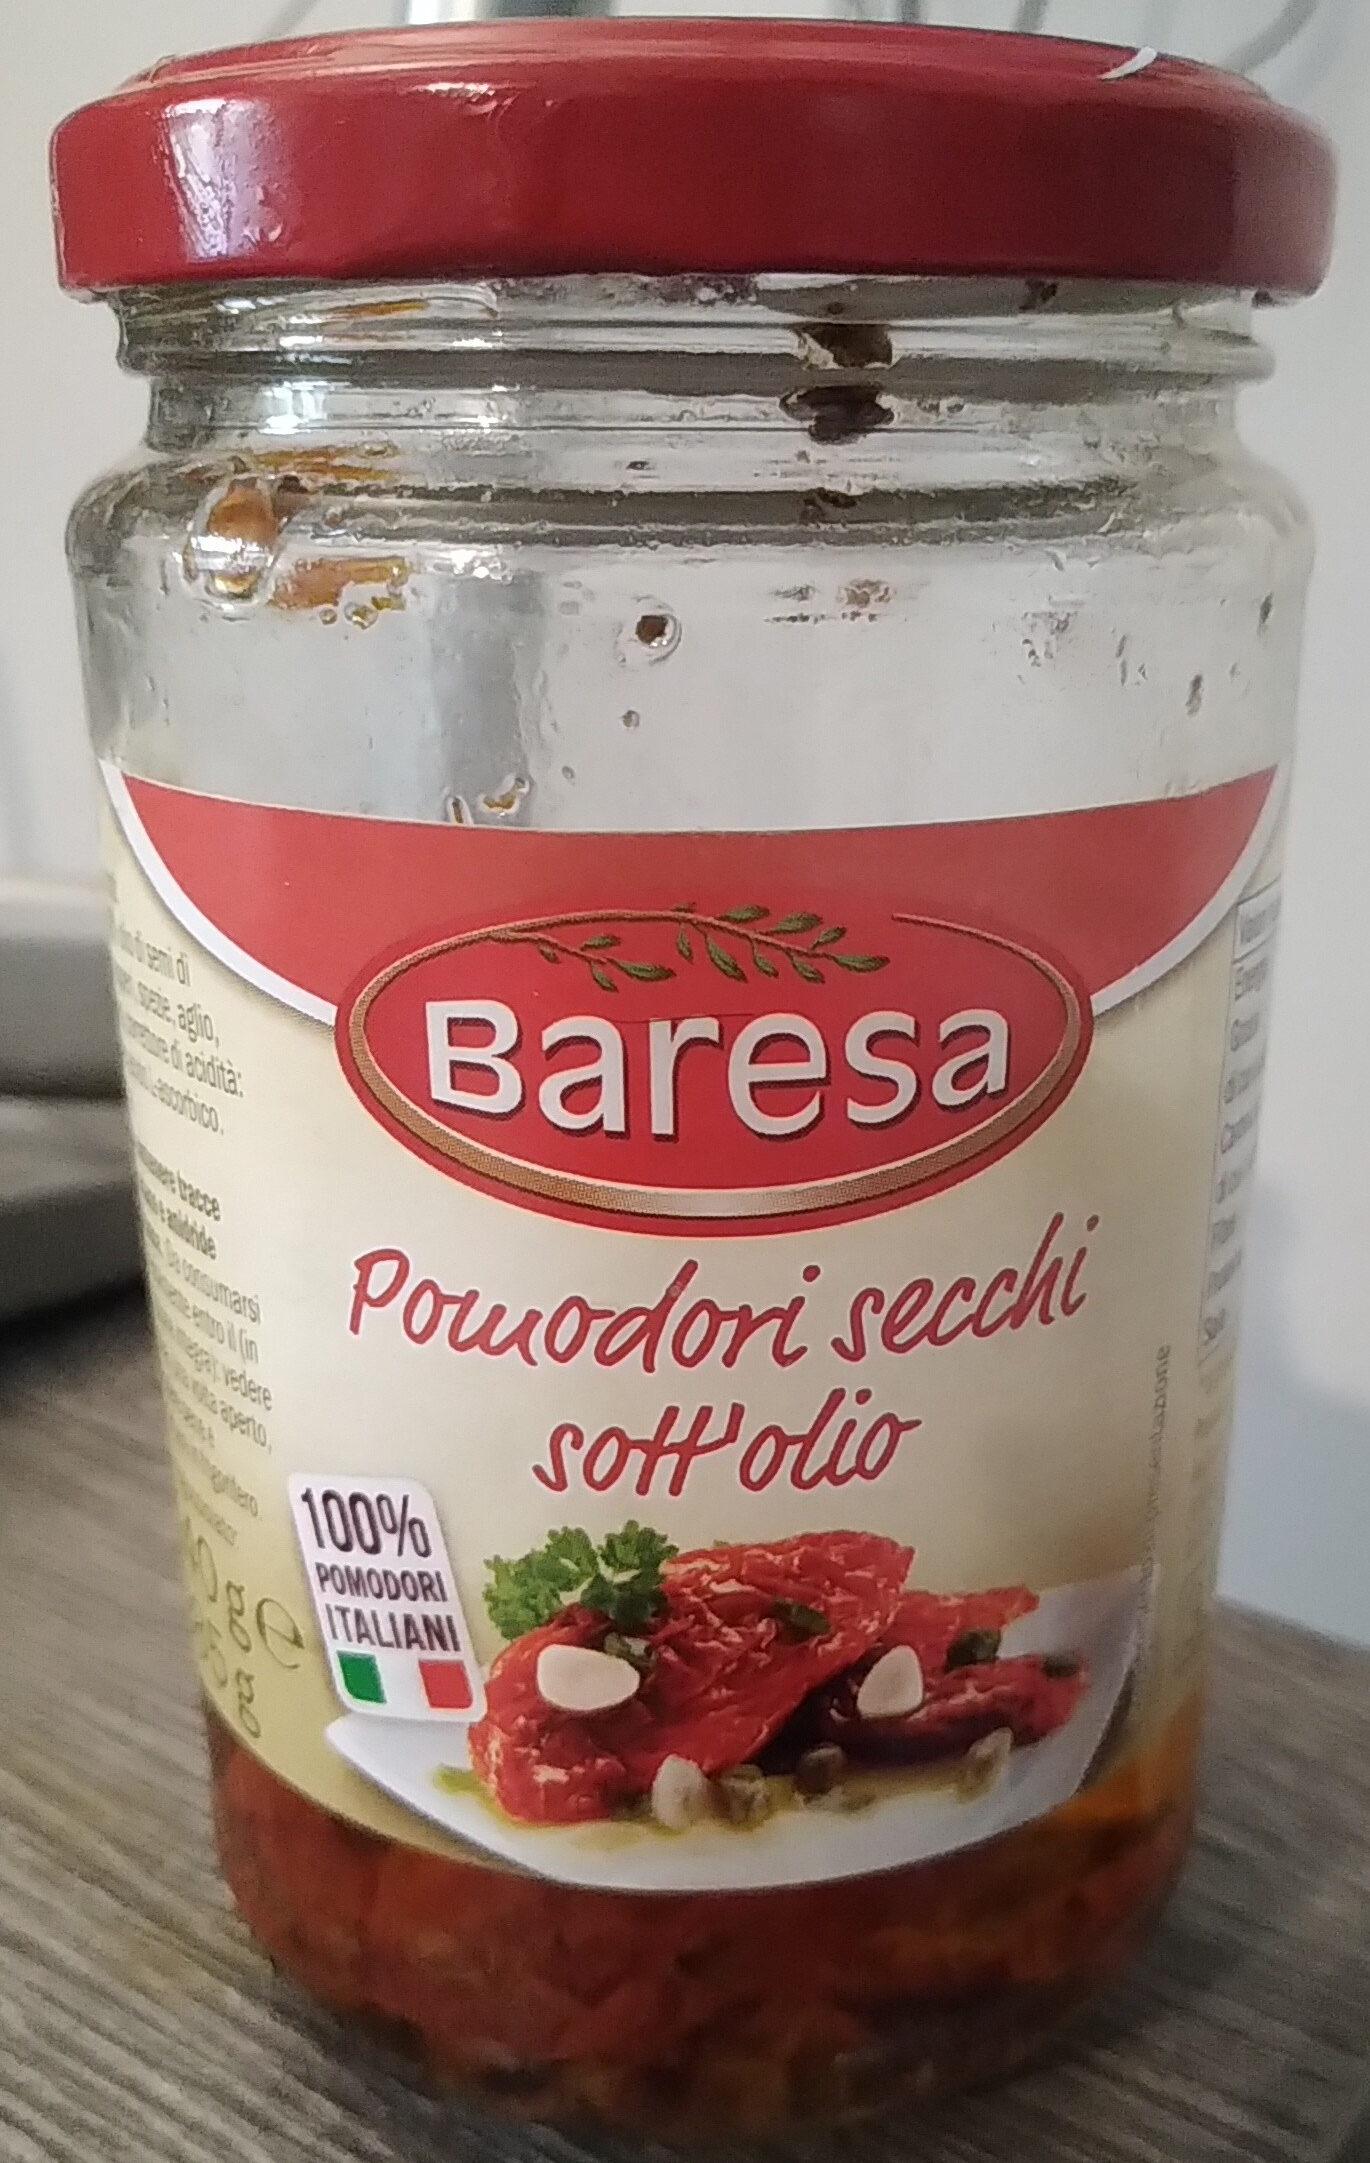 Pomodori secchi sott'olio - Product